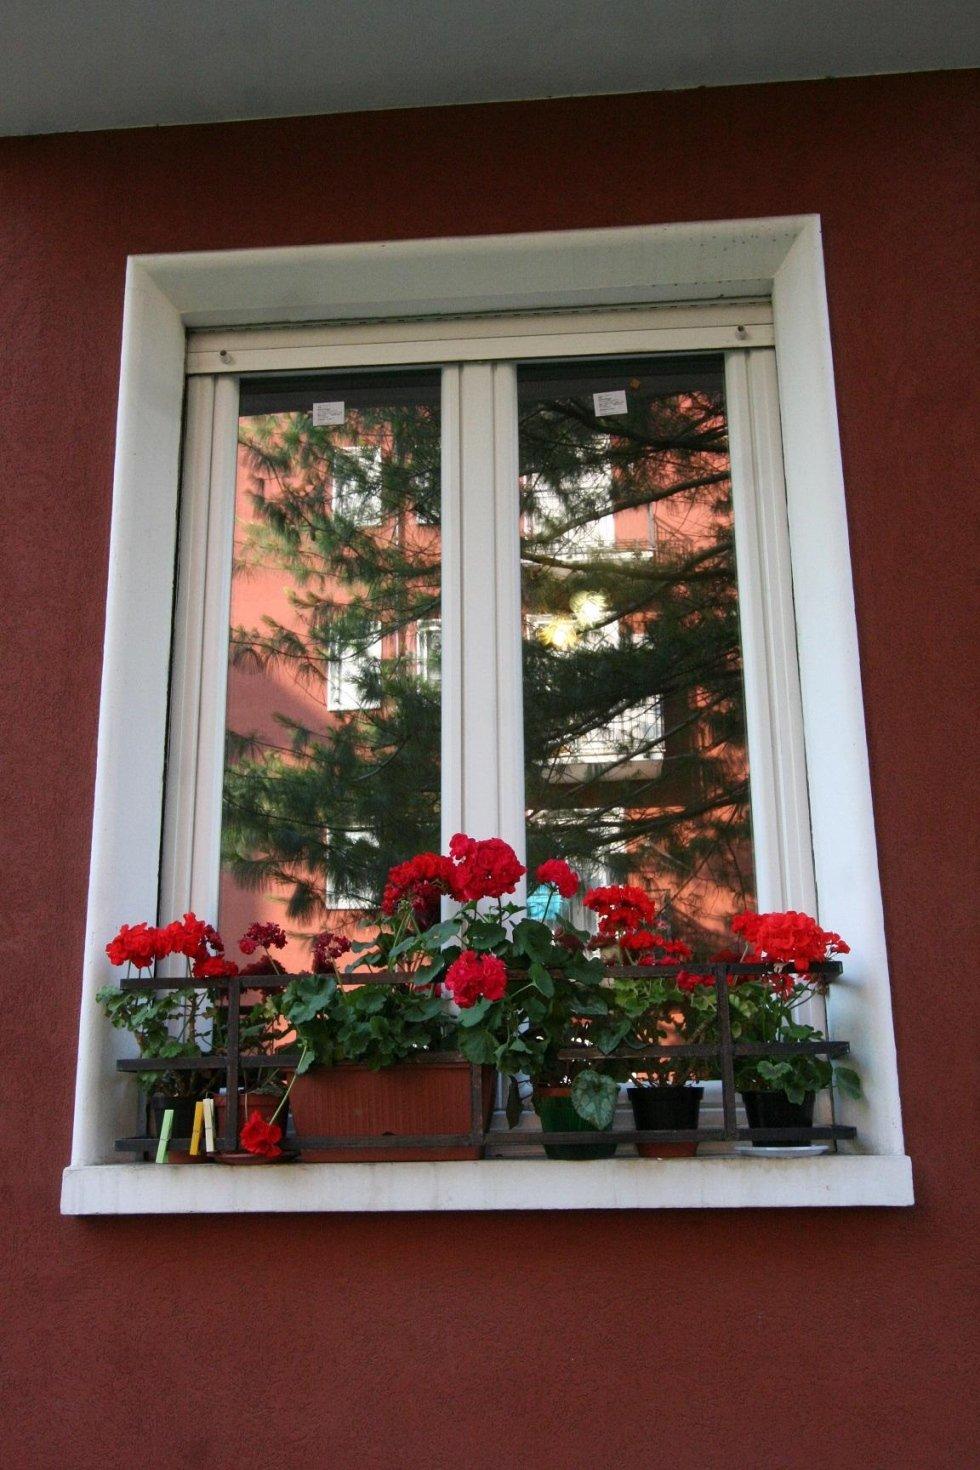 finestra con fiori rossi sul davanzale